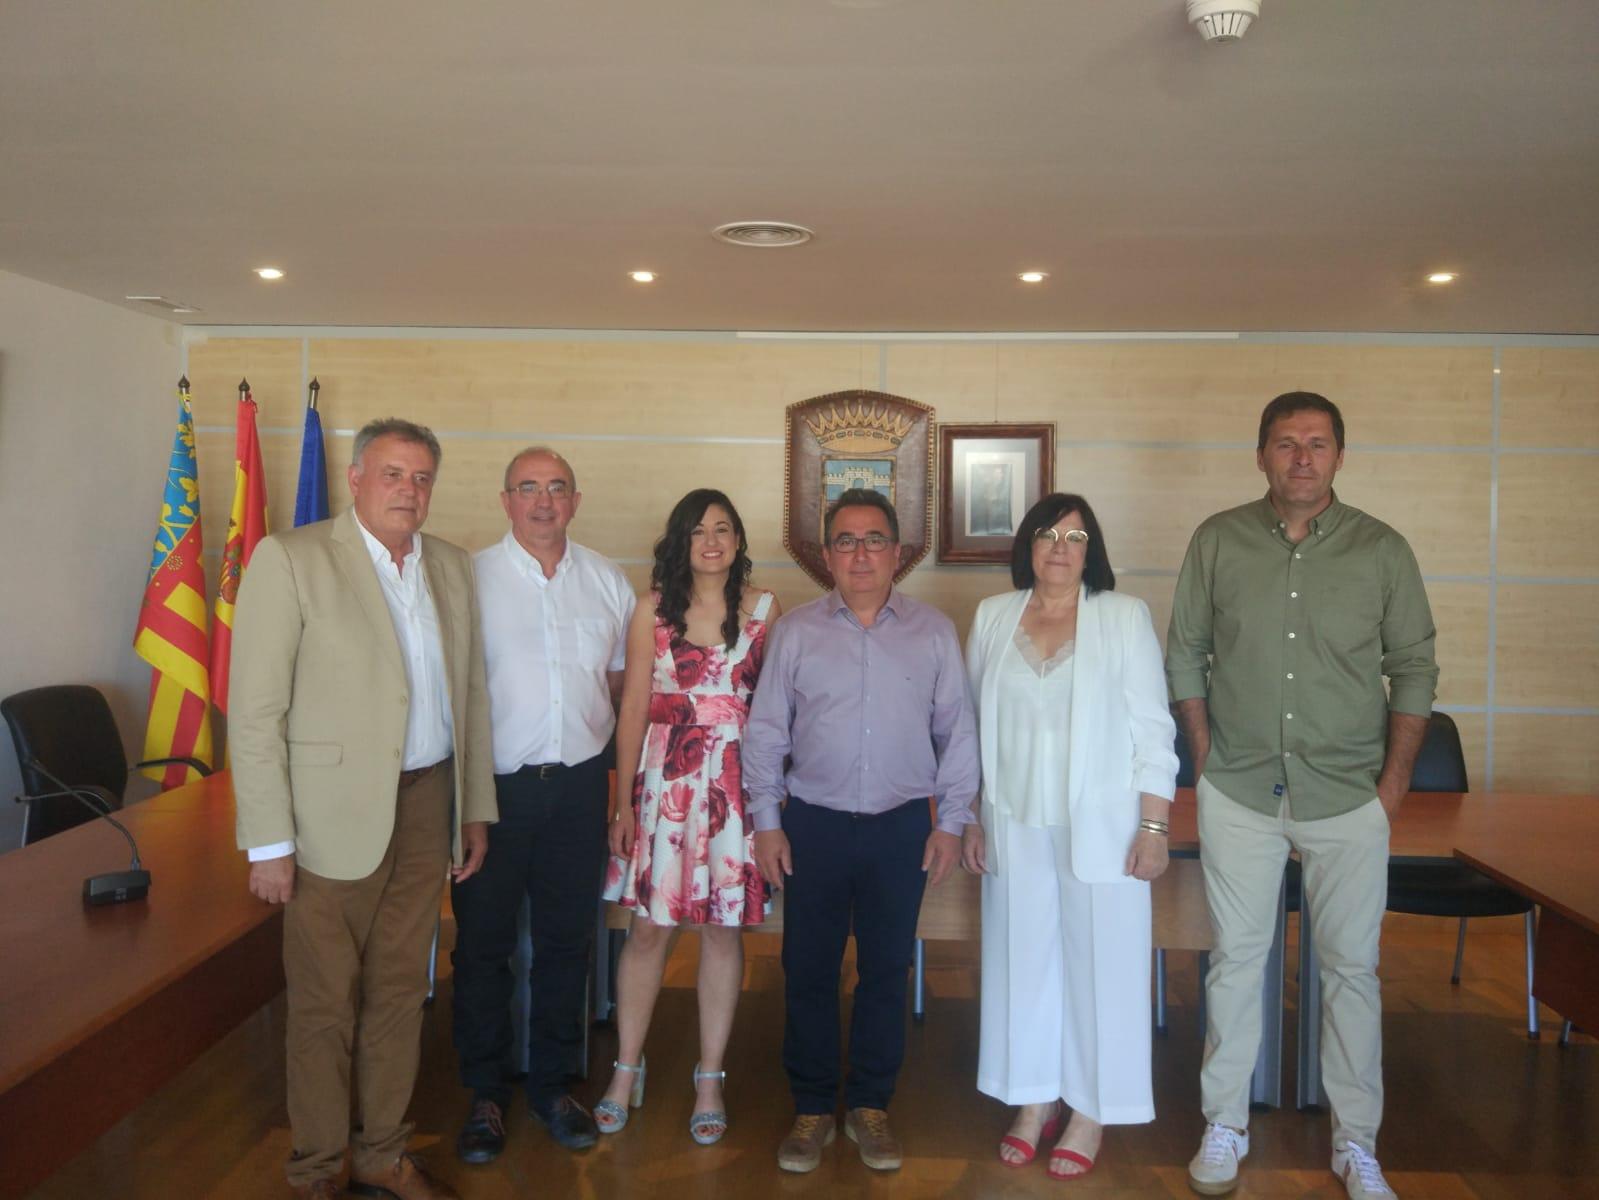 Integrantes del equipo de gobierno socialista de Yátova que lidera Miguel Tórtola.